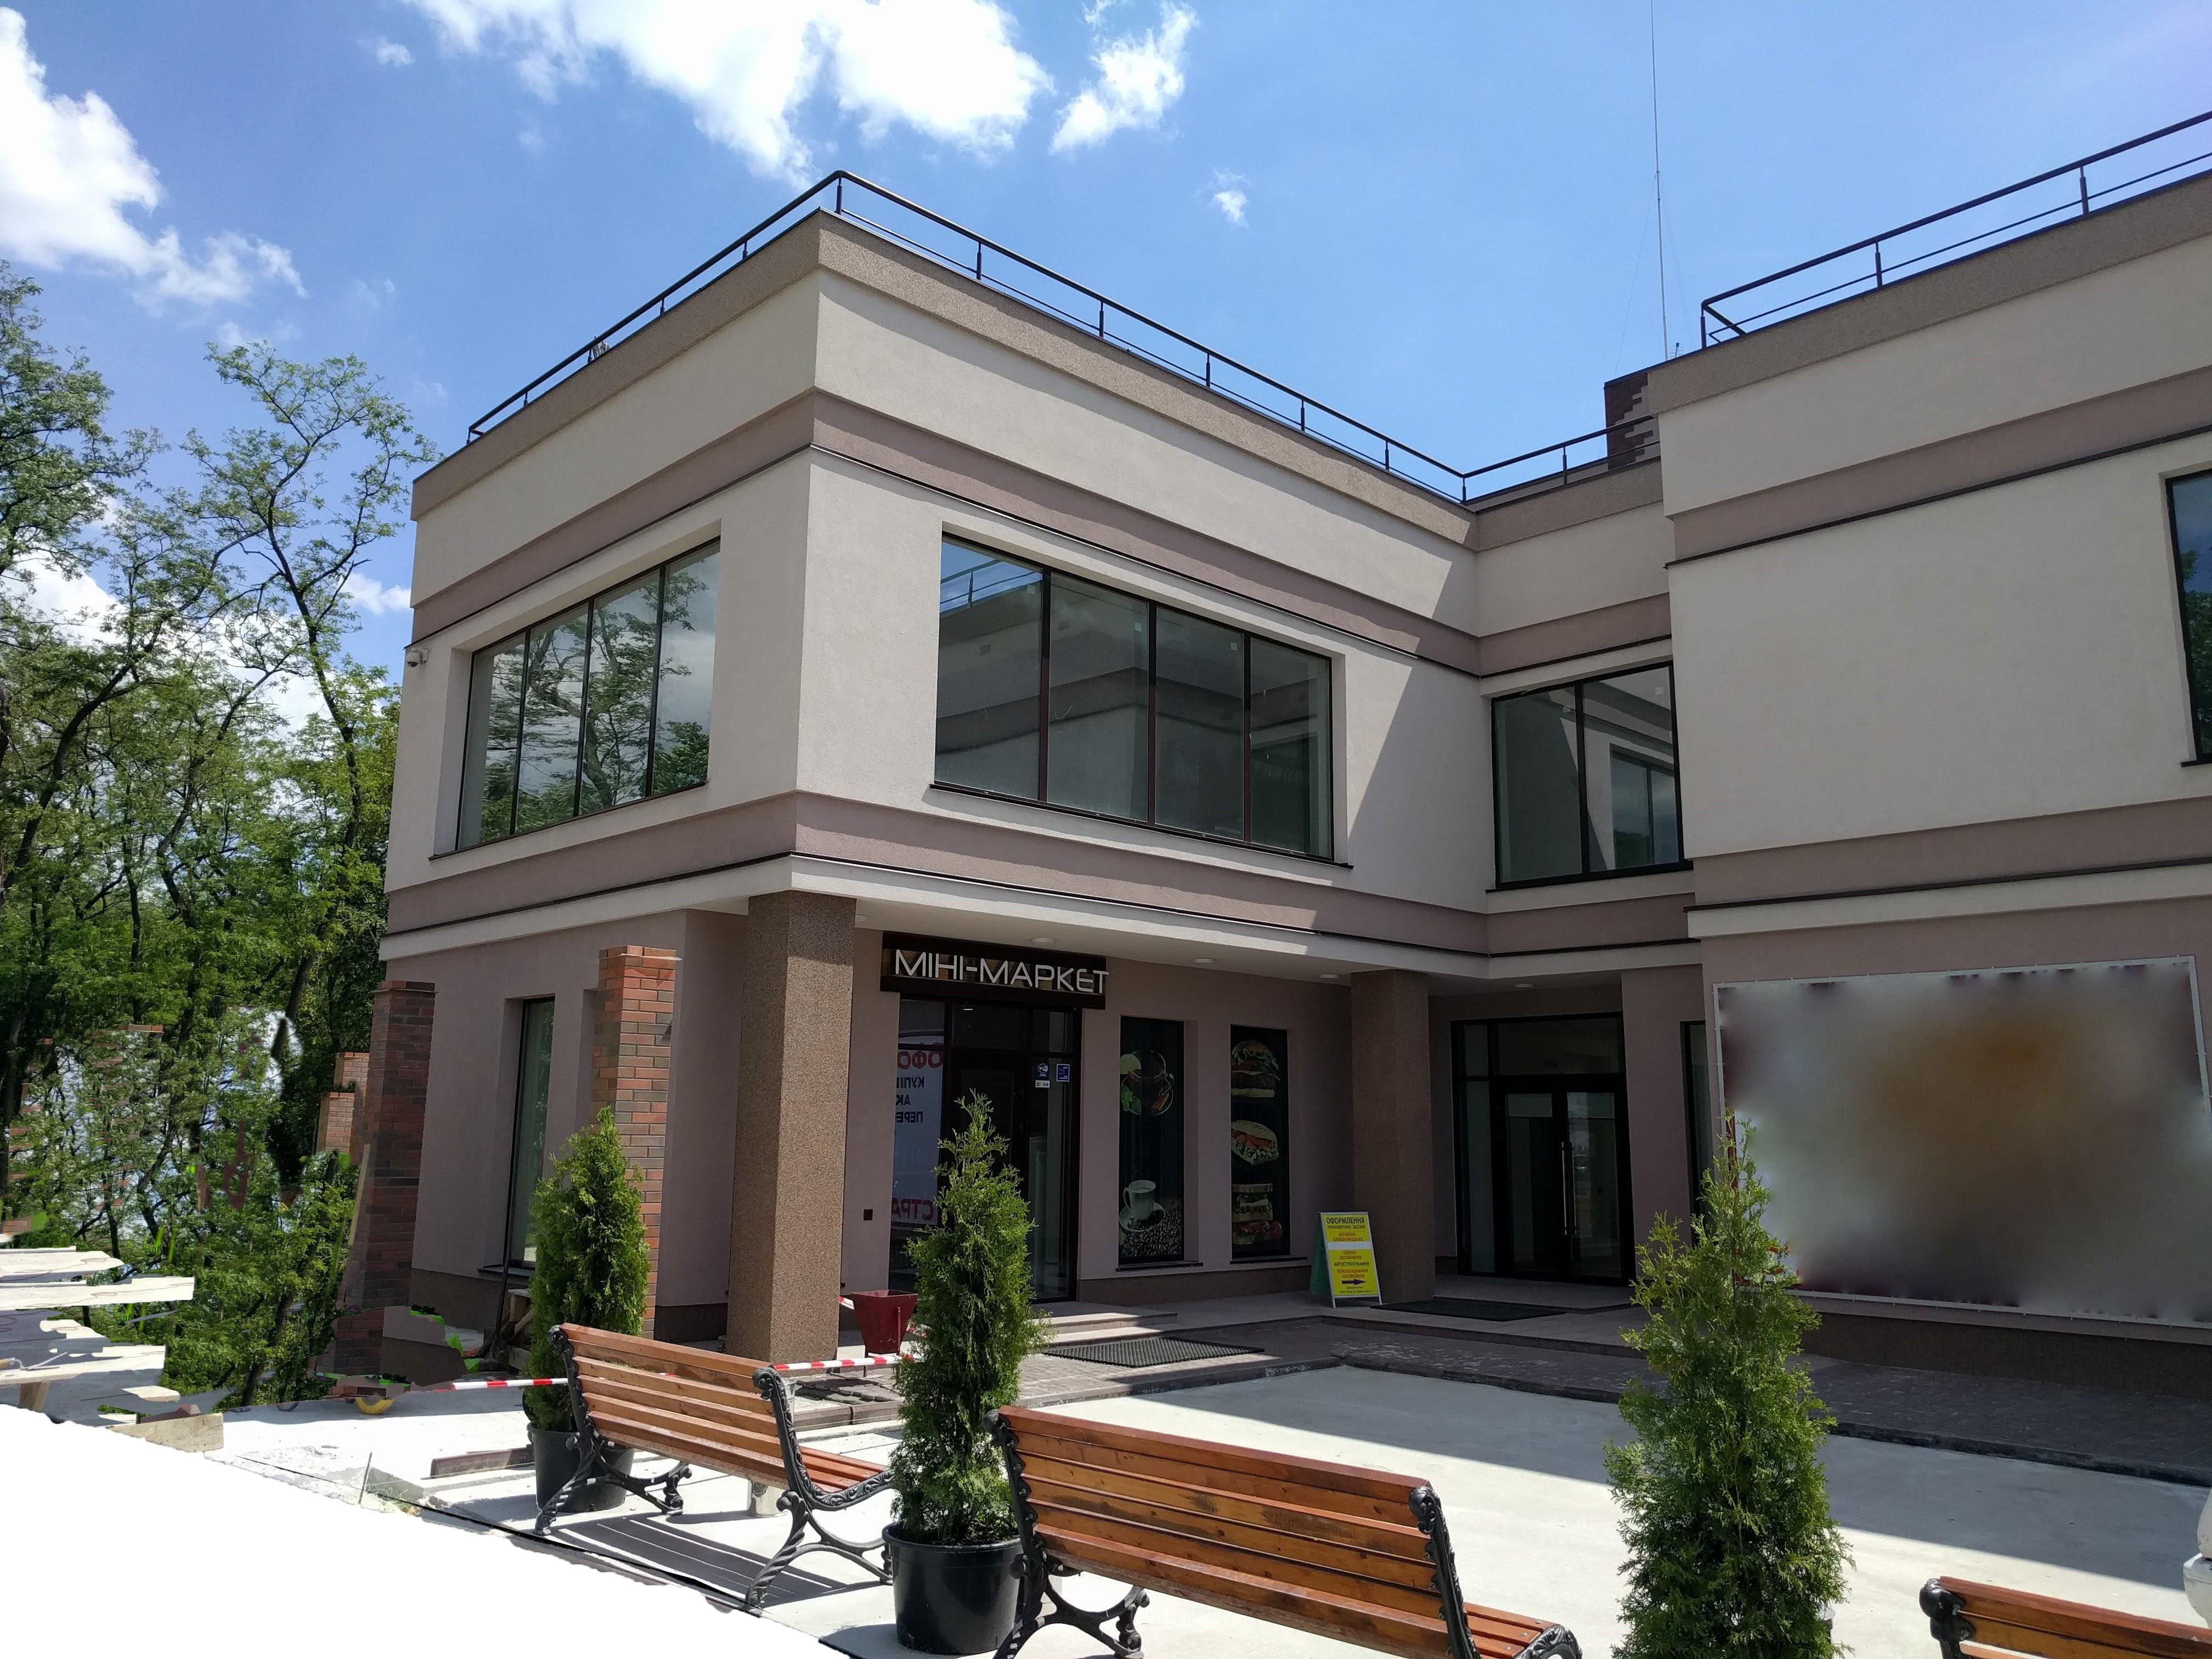 Фасад здания, монтаж системы вентиляции и кондиционирования офисного здания в Броварах